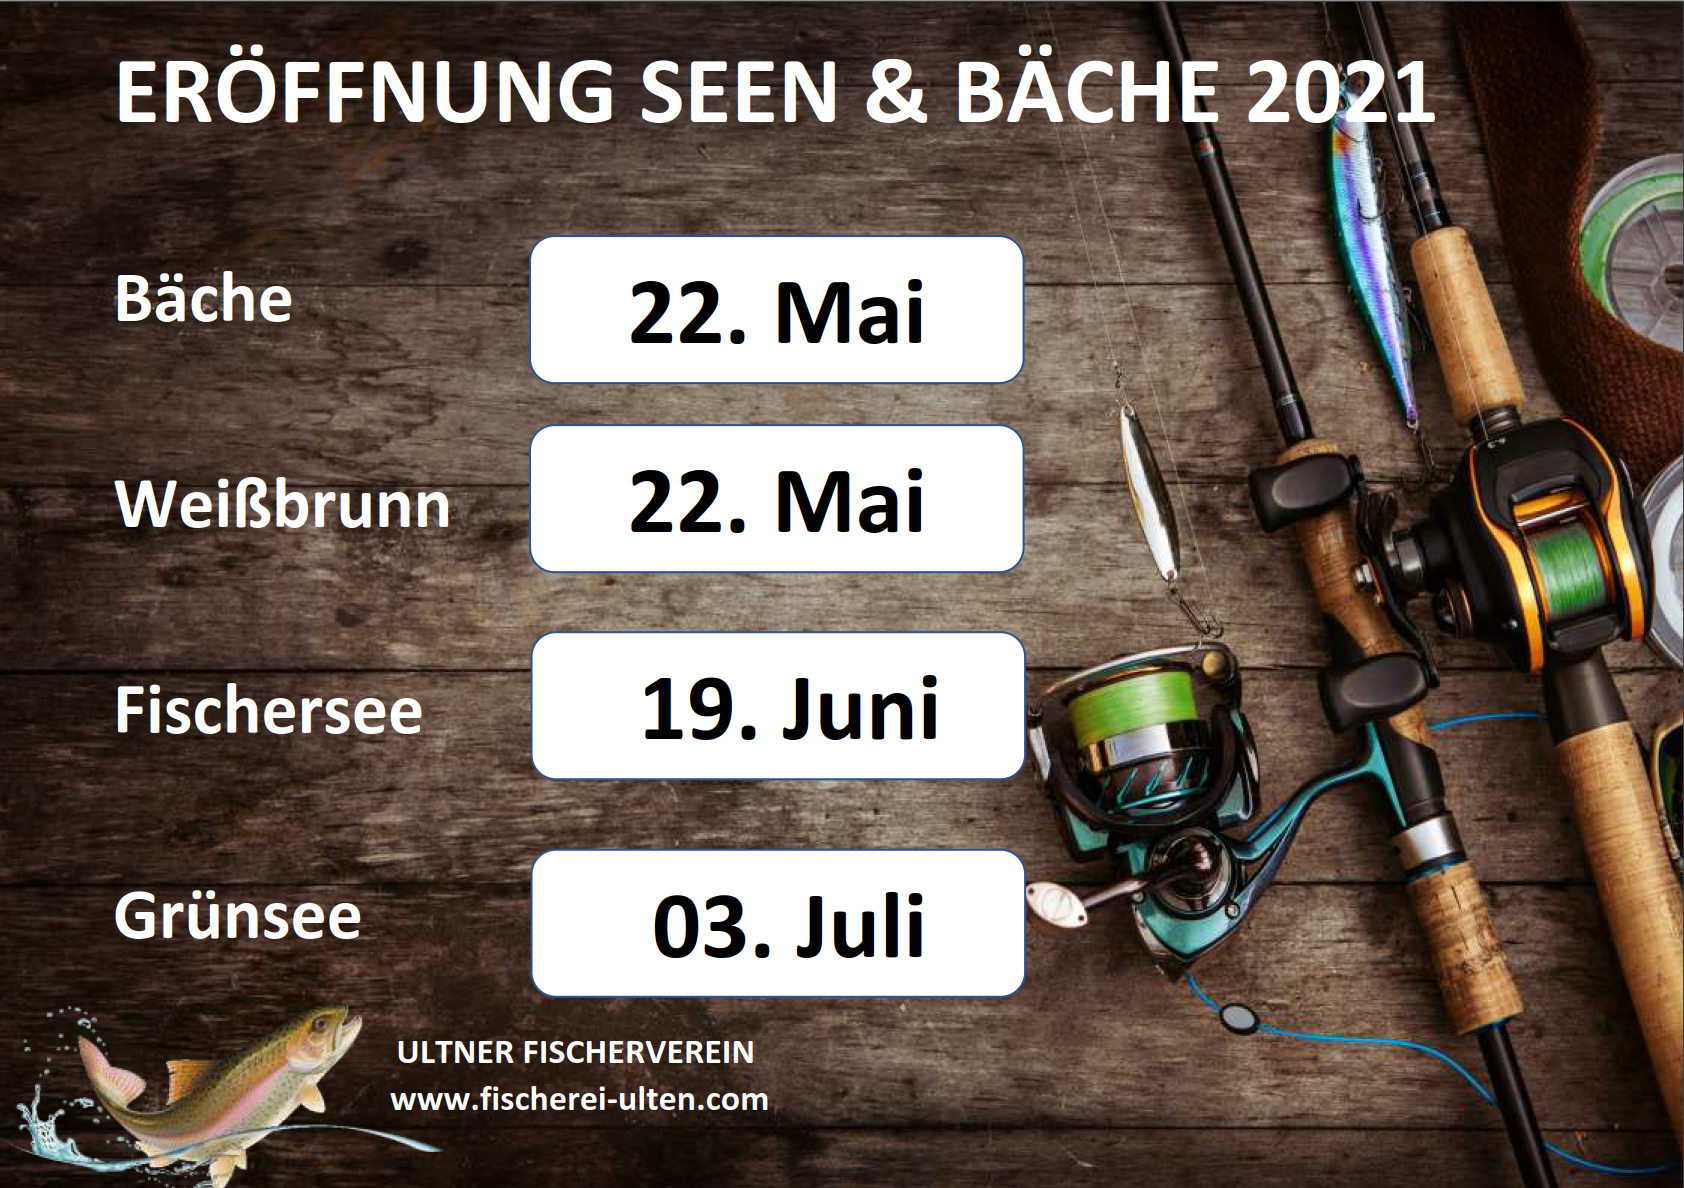 Eröffnung Grünsee am Samstag 03.07.2021